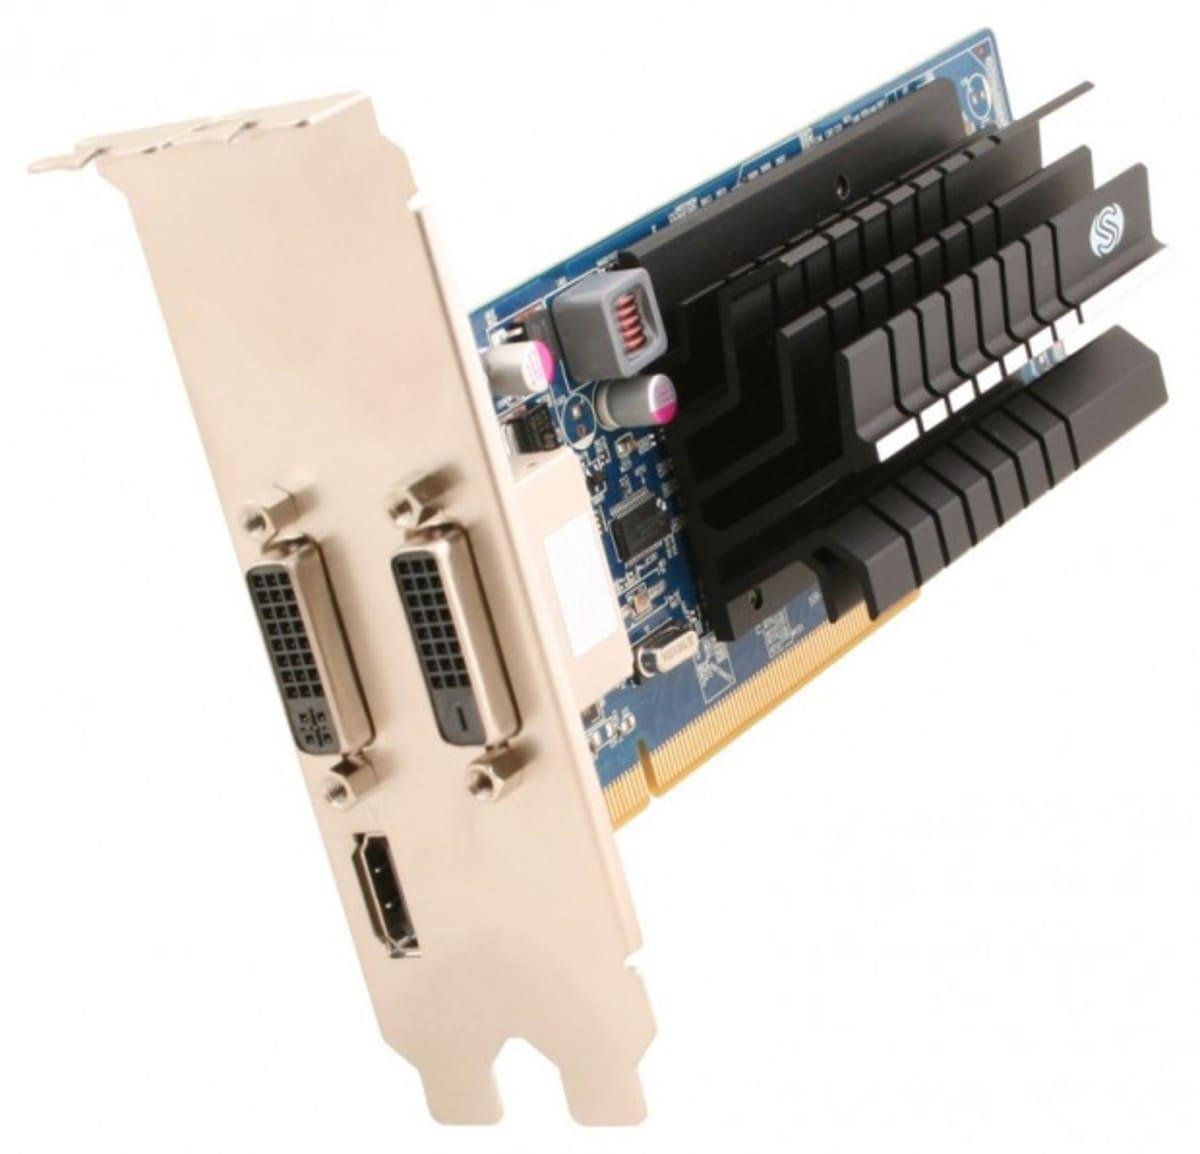 lchapuzasinformatico.com wp content uploads 2011 12 Sapphire HD 6450 Flex 3 e1323429221145 2